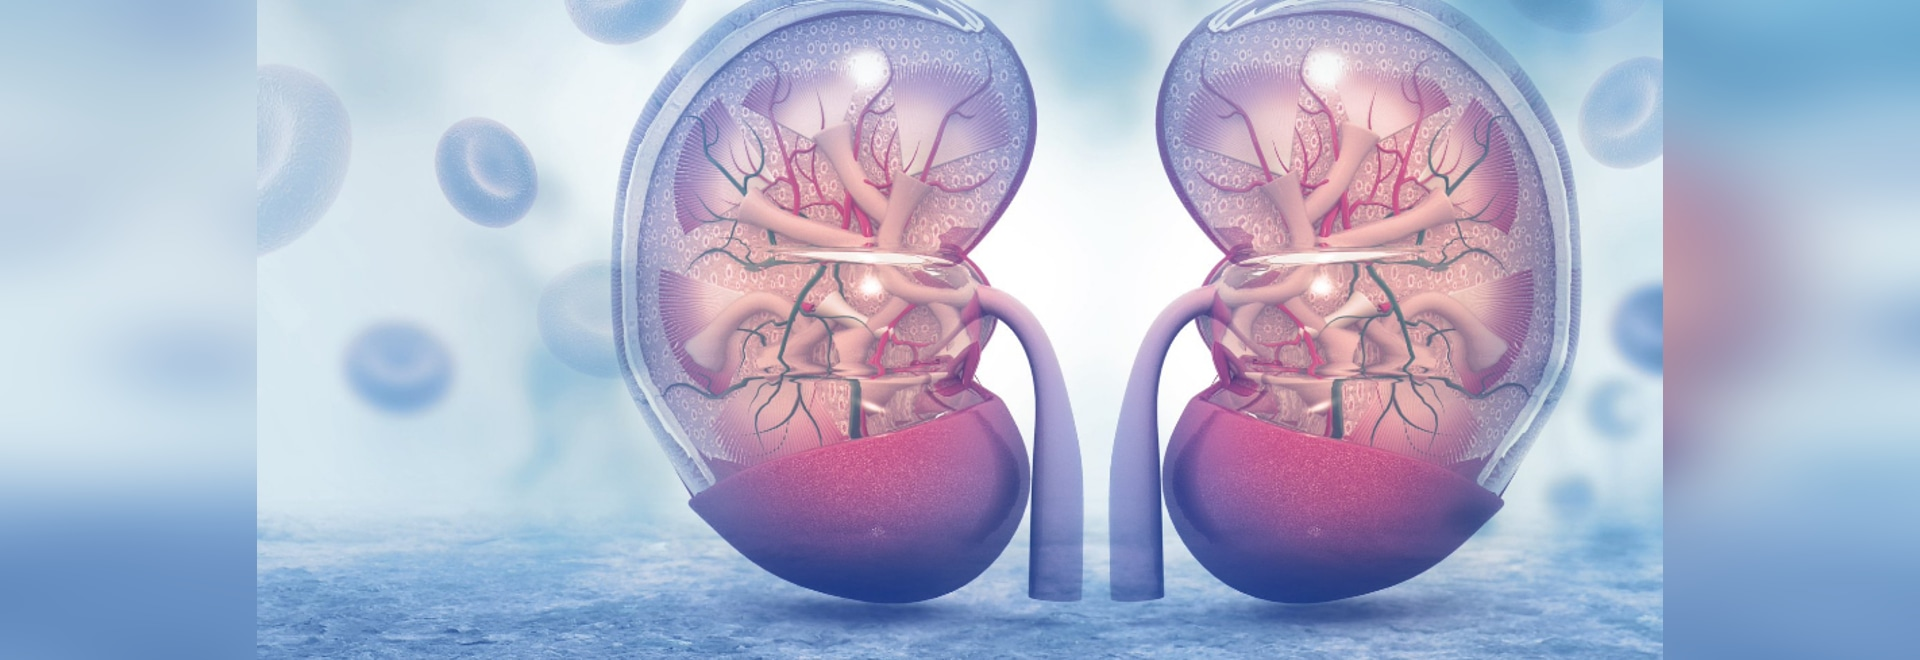 Enfermedad de riñón vulnerable a la terapia nana apuntada